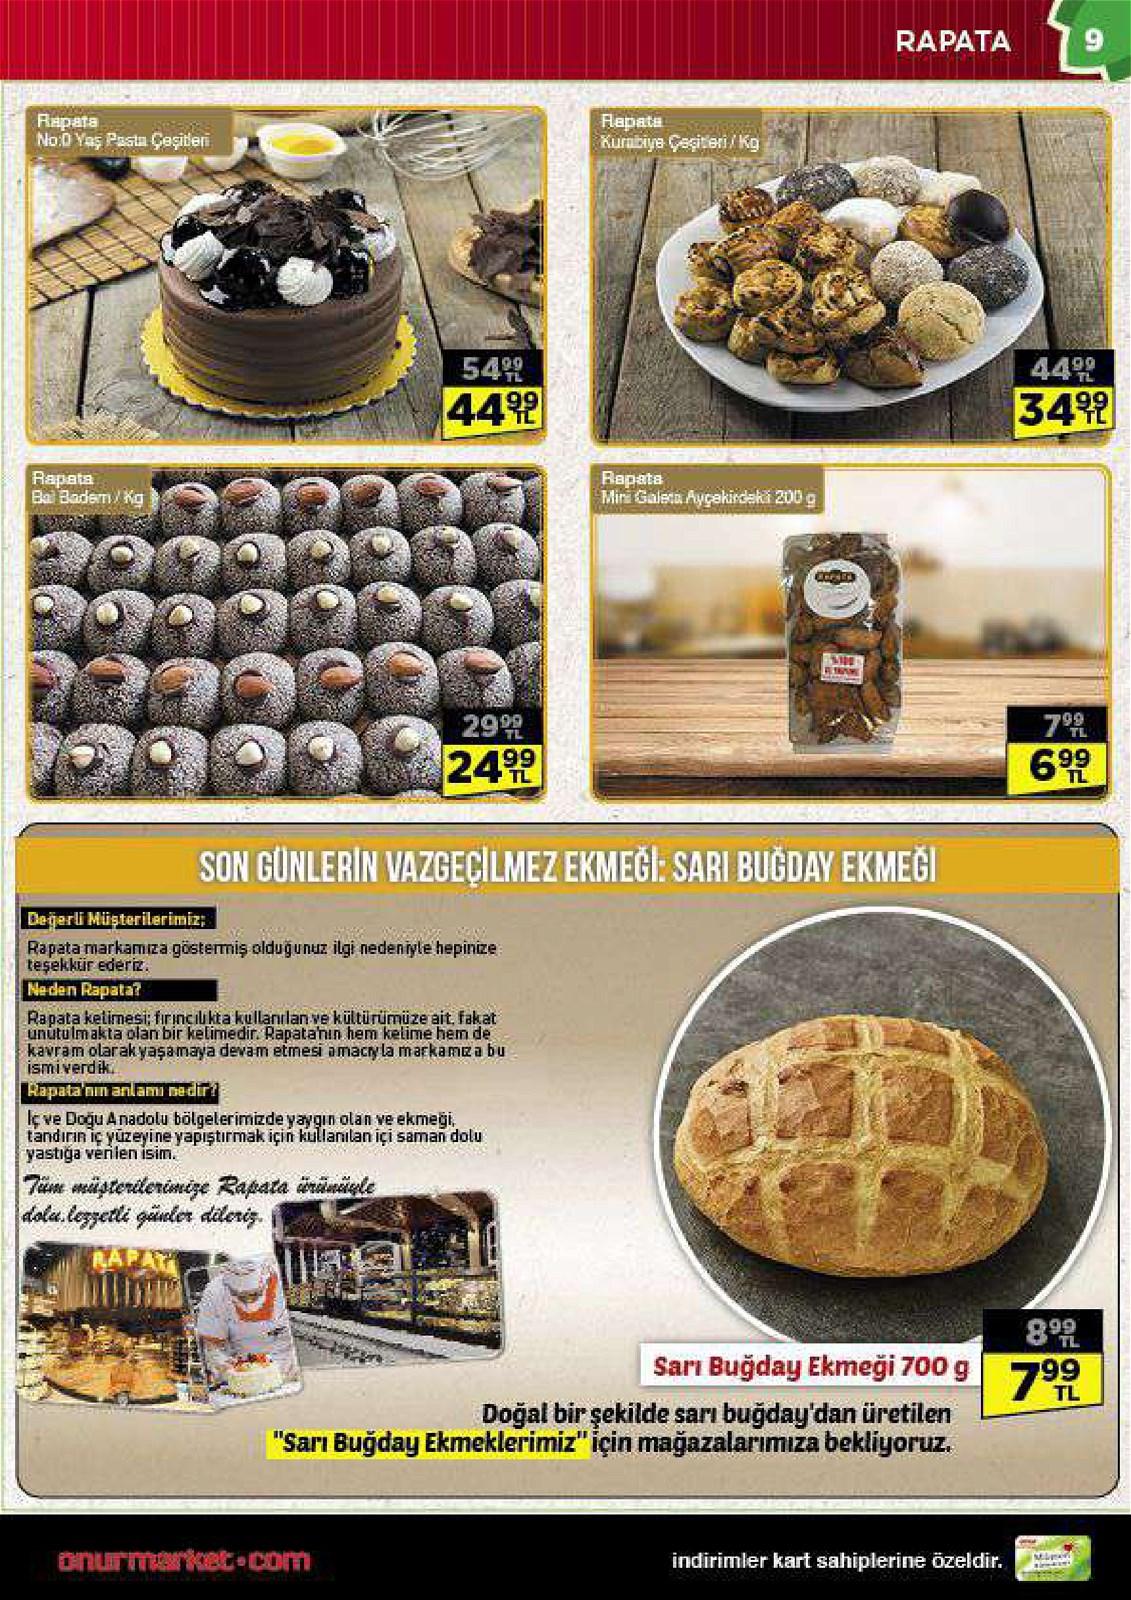 03.06.2021 Onur Market broşürü 9. sayfa